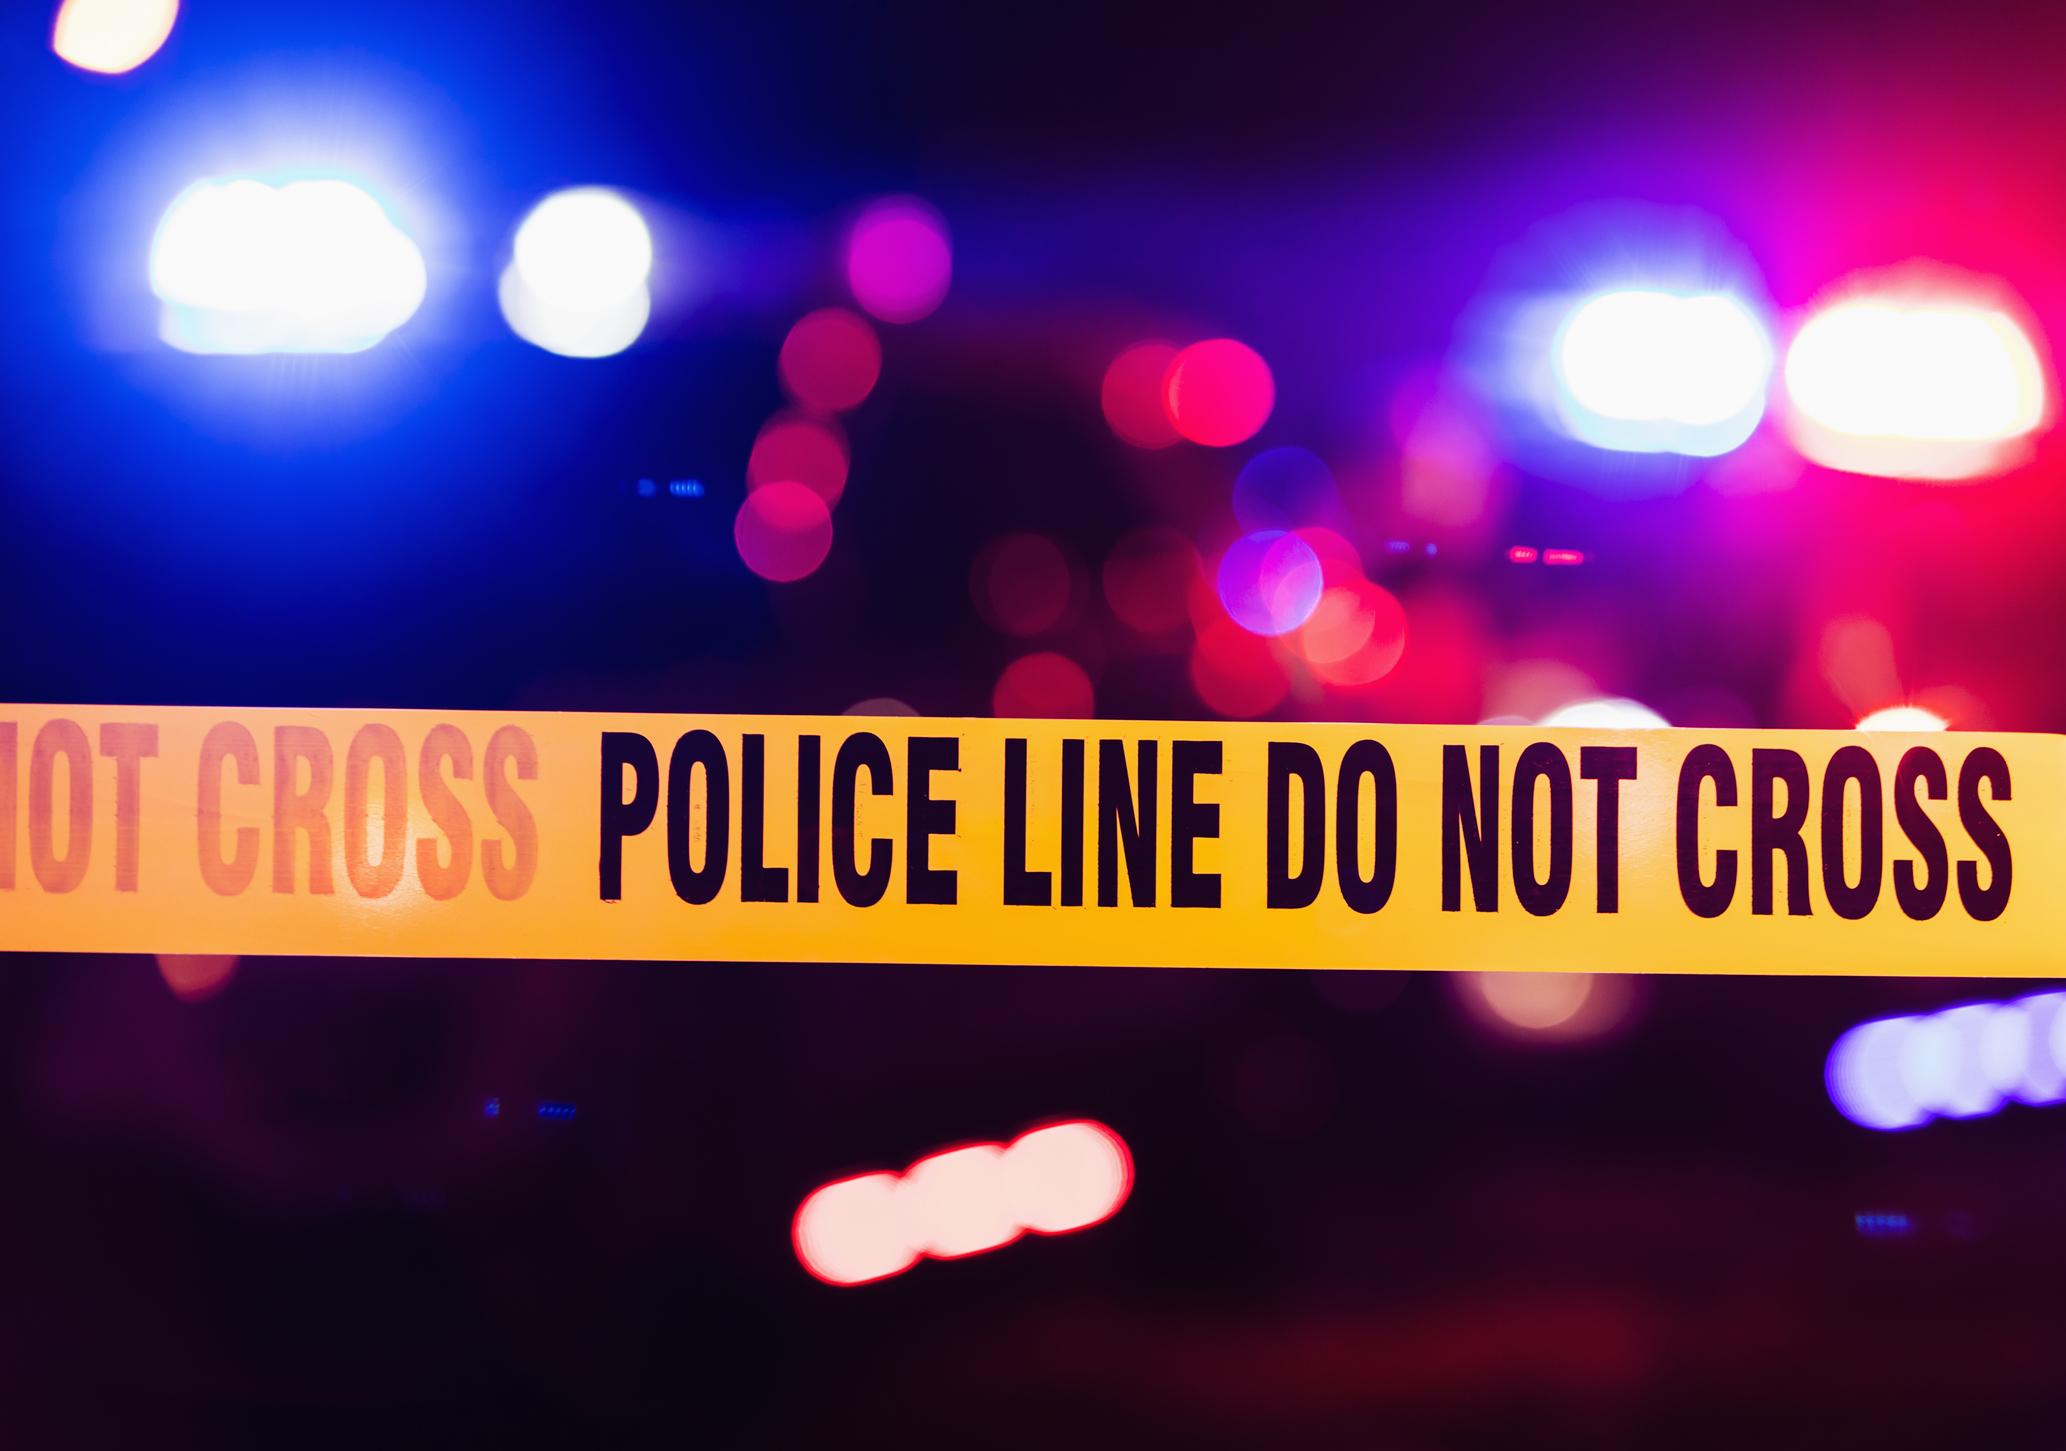 Accident or crime scene cordon tape.